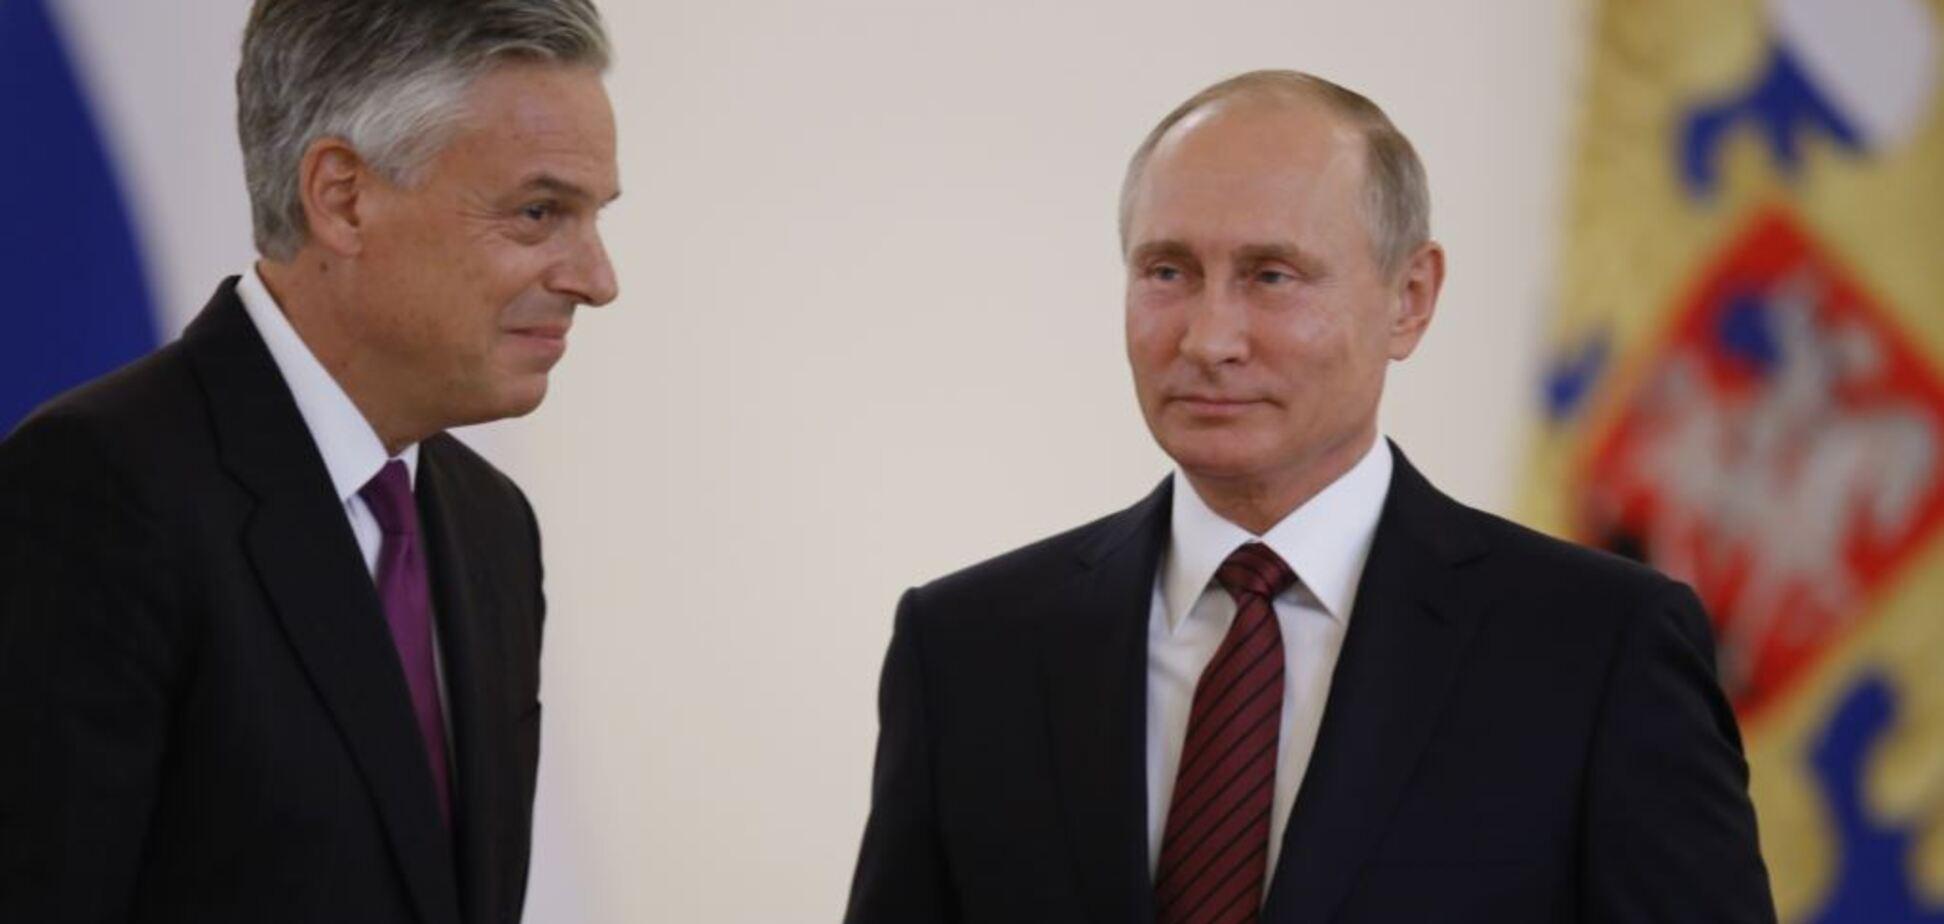 Приехали: посол США скопировал выходку Путина